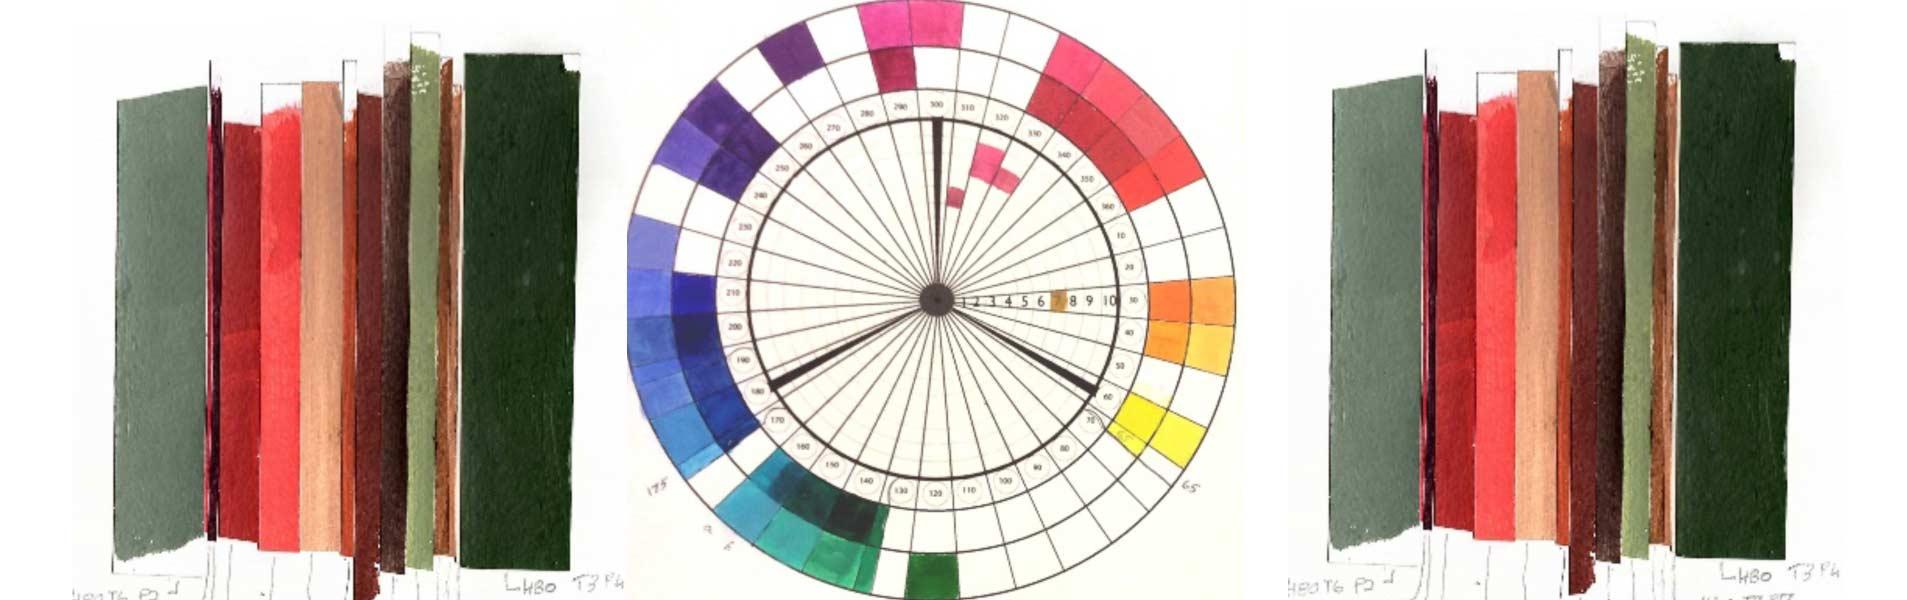 Abramo_Papp-Colour-Workshop